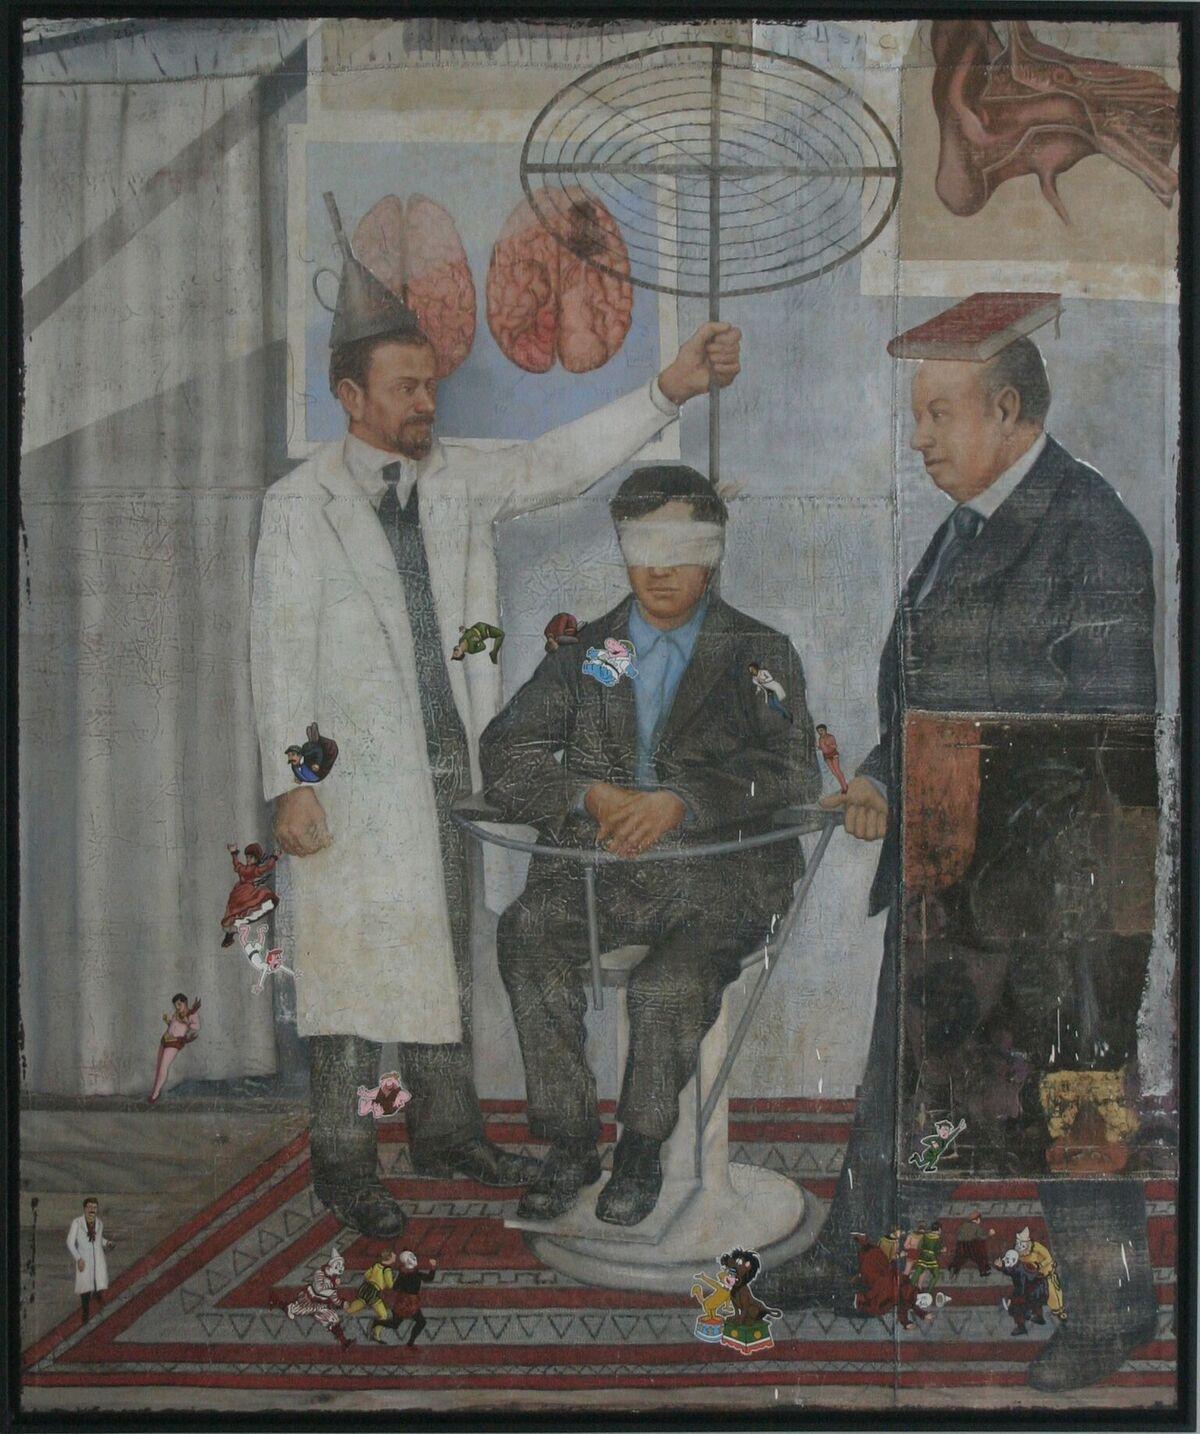 Armando Romero (b. 1964)   Provider of Dreams , 2007  oil on canvas 70 3/4 x 55 inches; 179.7 x 139.7 centimeters